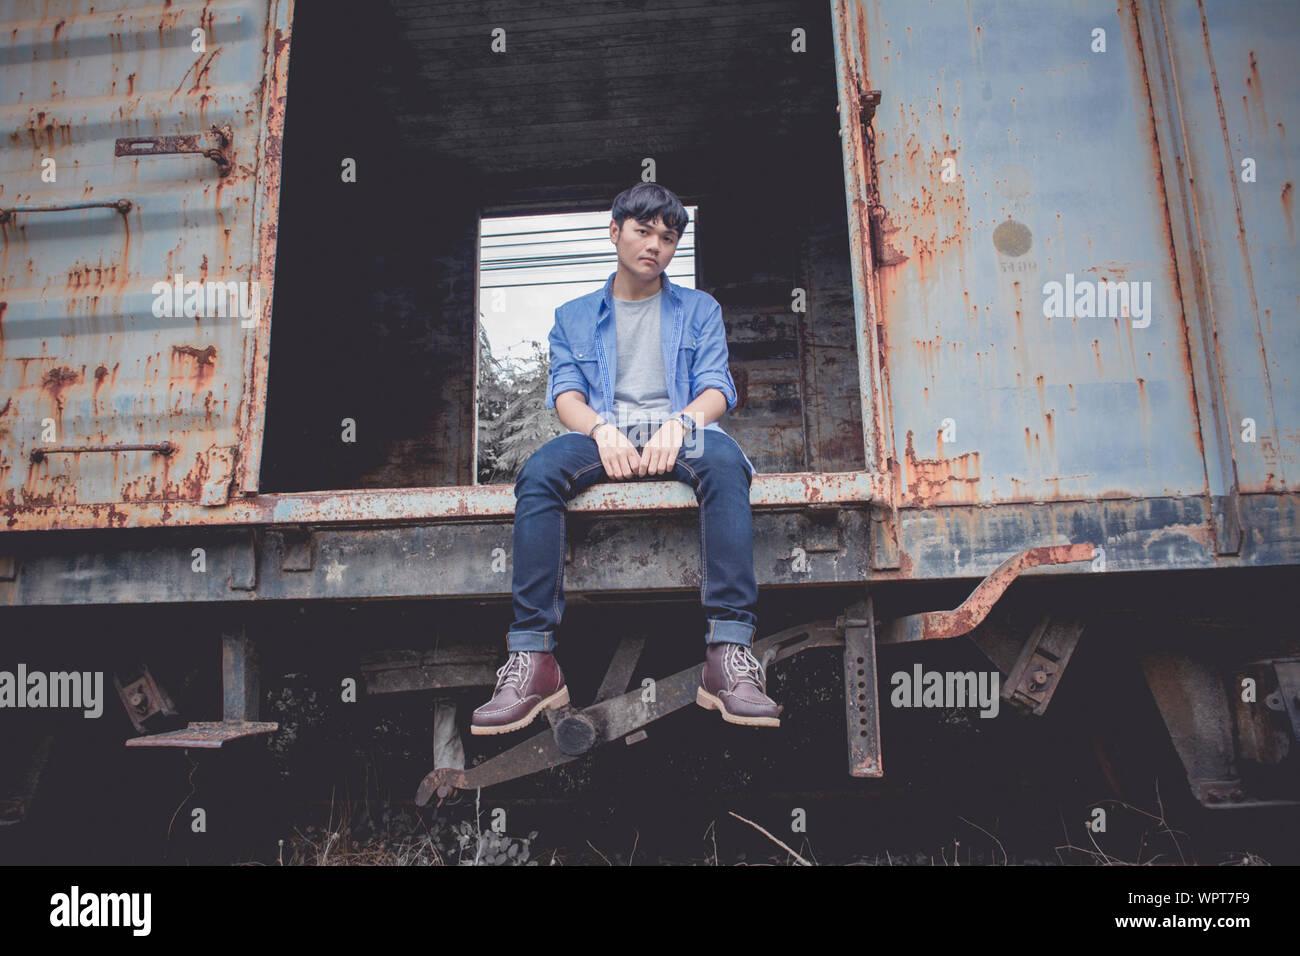 Angolo basso ritratto di Giovane triste seduto su abbandonato treno merci Foto Stock